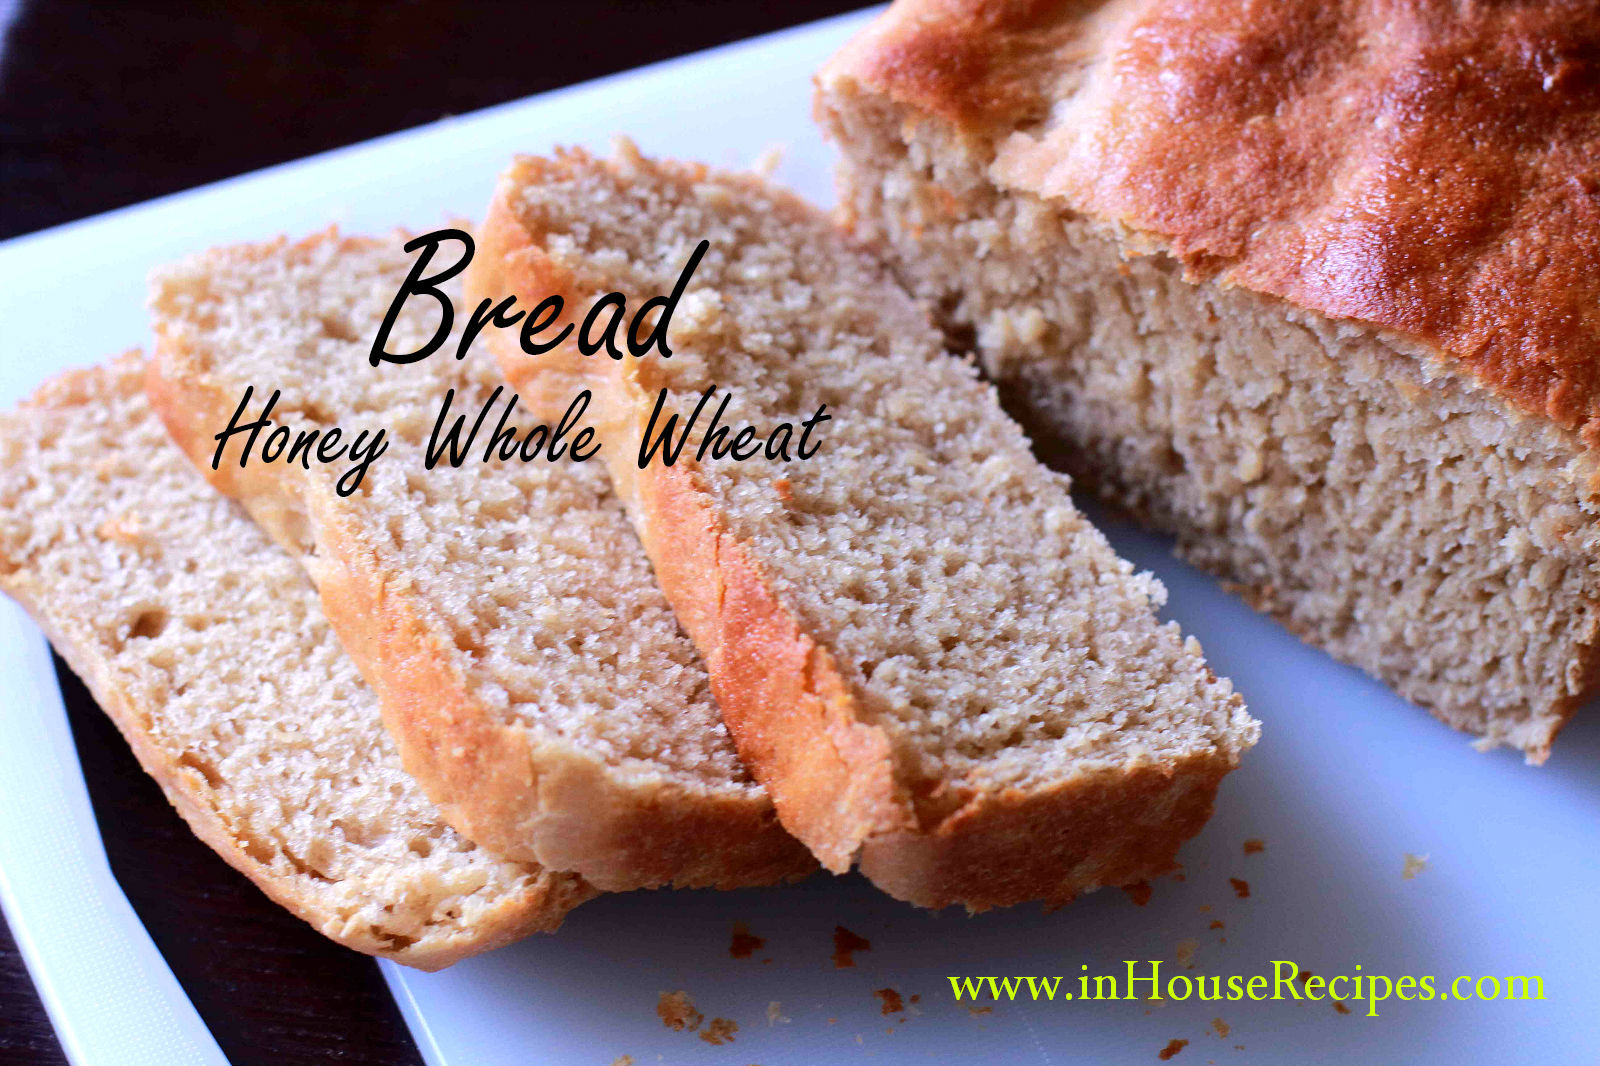 Honey Whole Wheat Bread Recipe  Honey Whole Wheat Bread Recipe inHouseRecipes